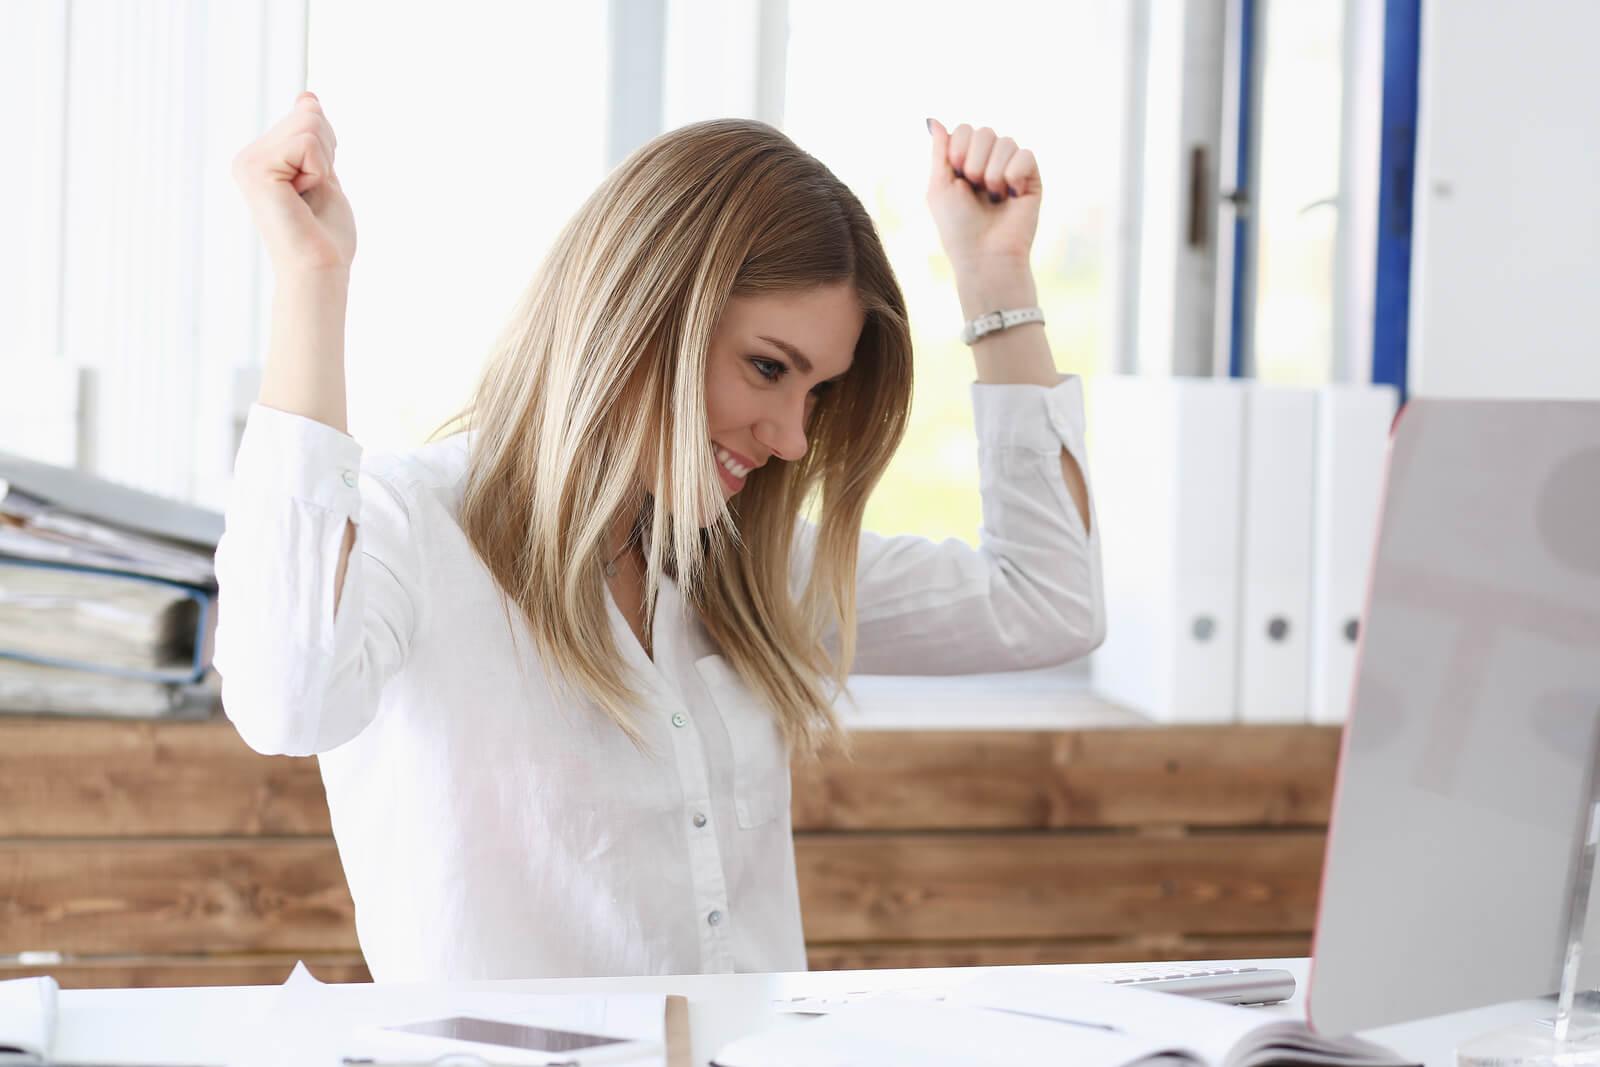 El salario emocional: incentivos para tener empleados felices